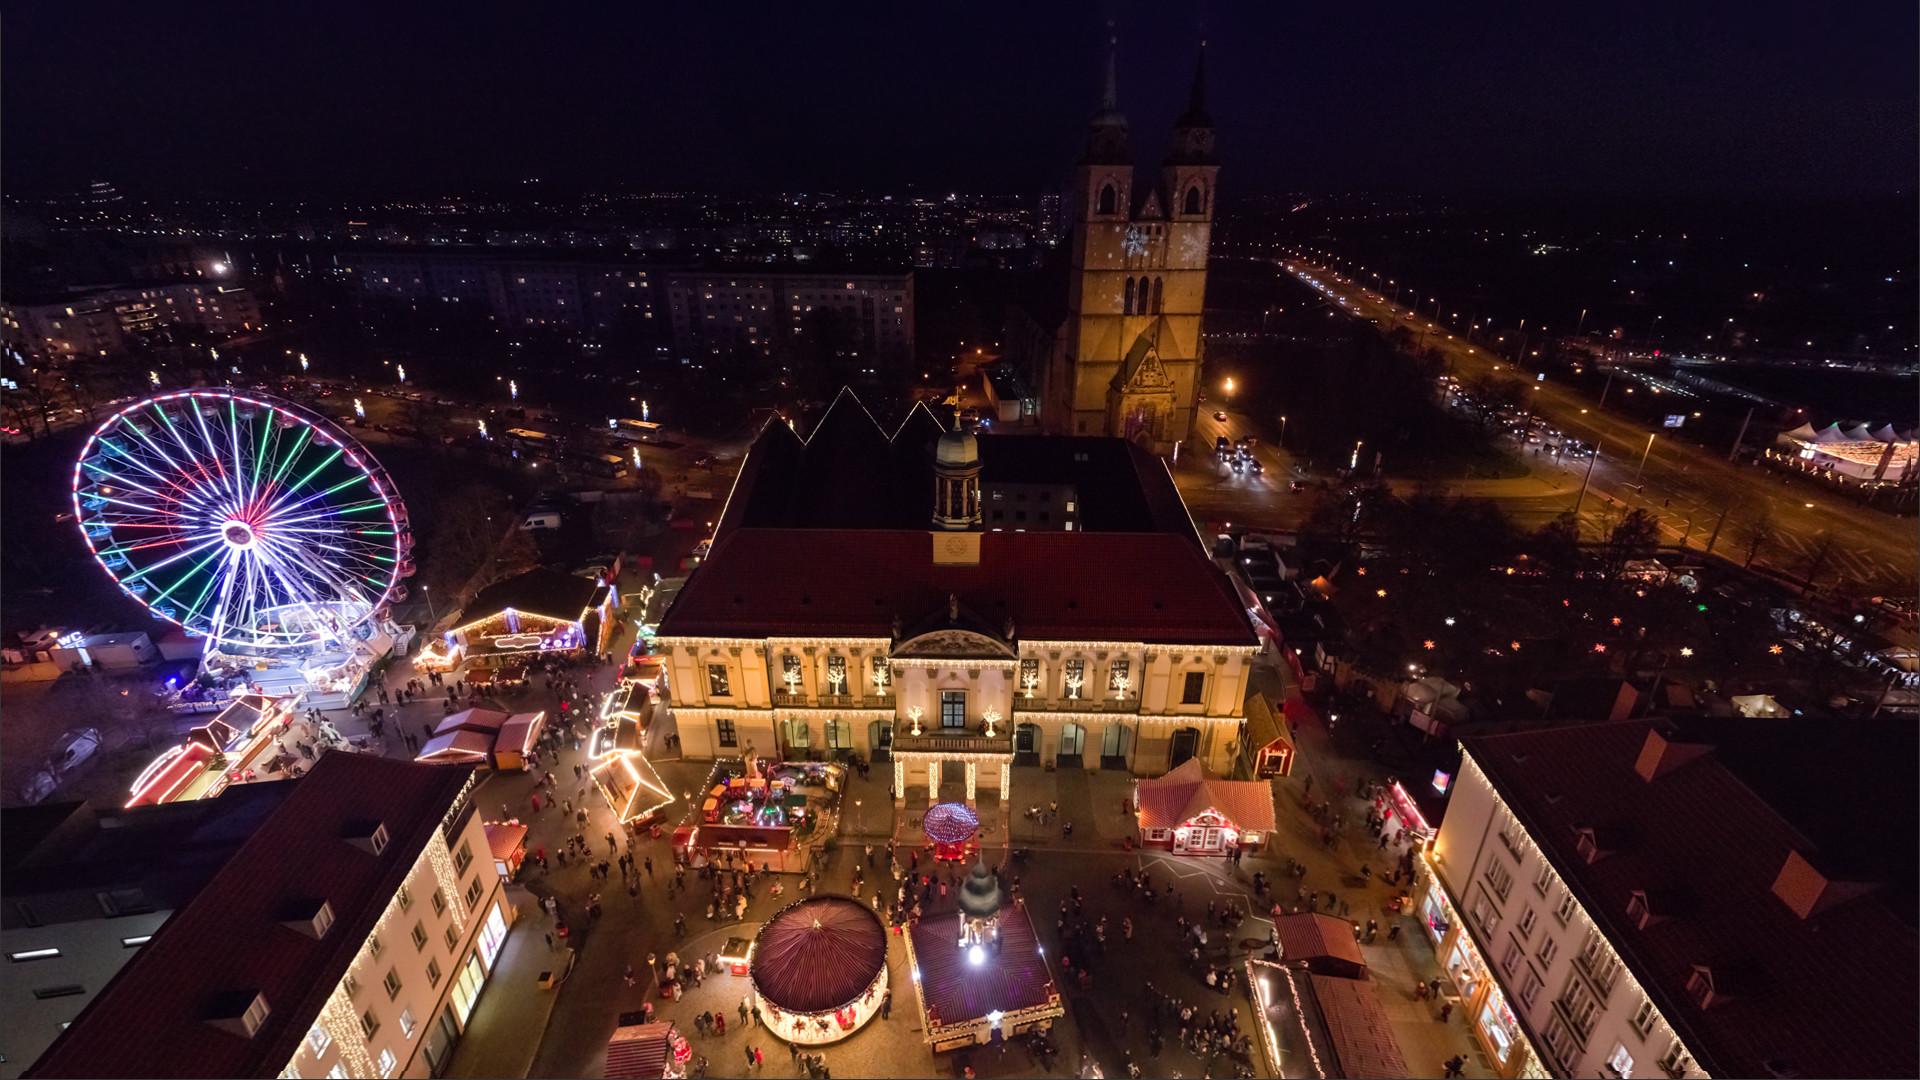 Weihnachtsmarkt am Alten Rathaus von Magdeburg